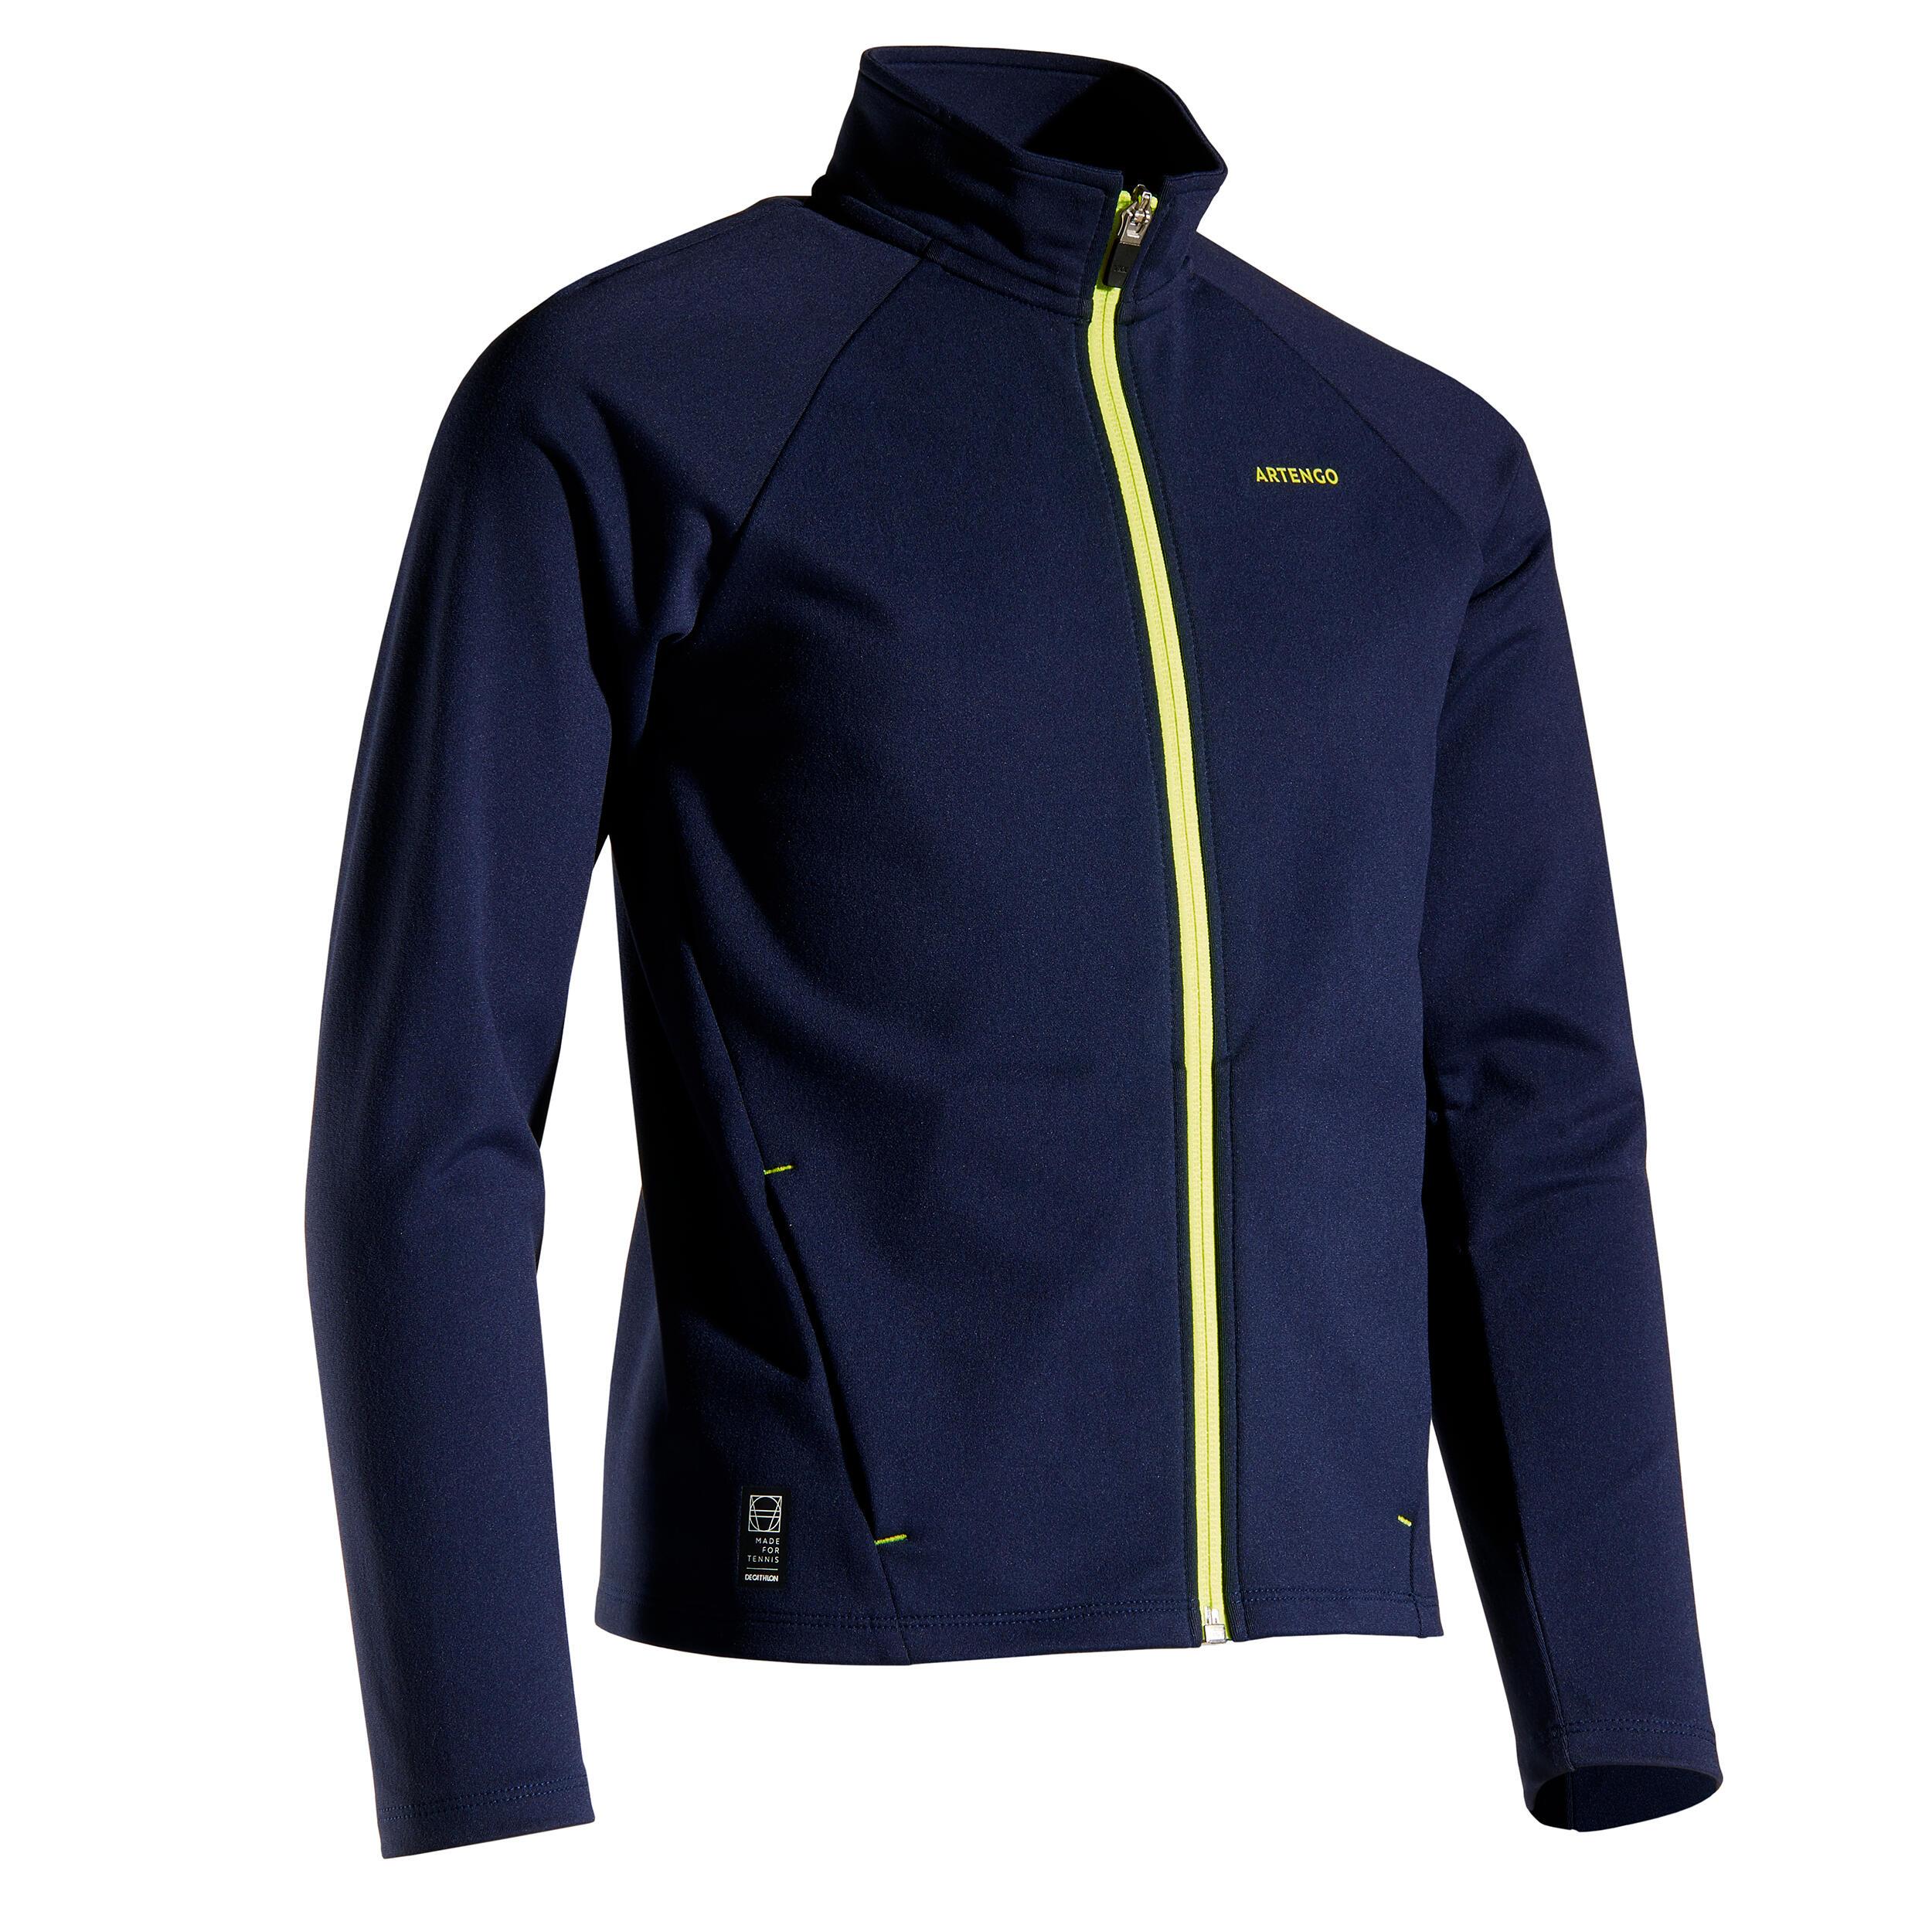 Trainingsjacke 500 warm Jungen blau/schwarz